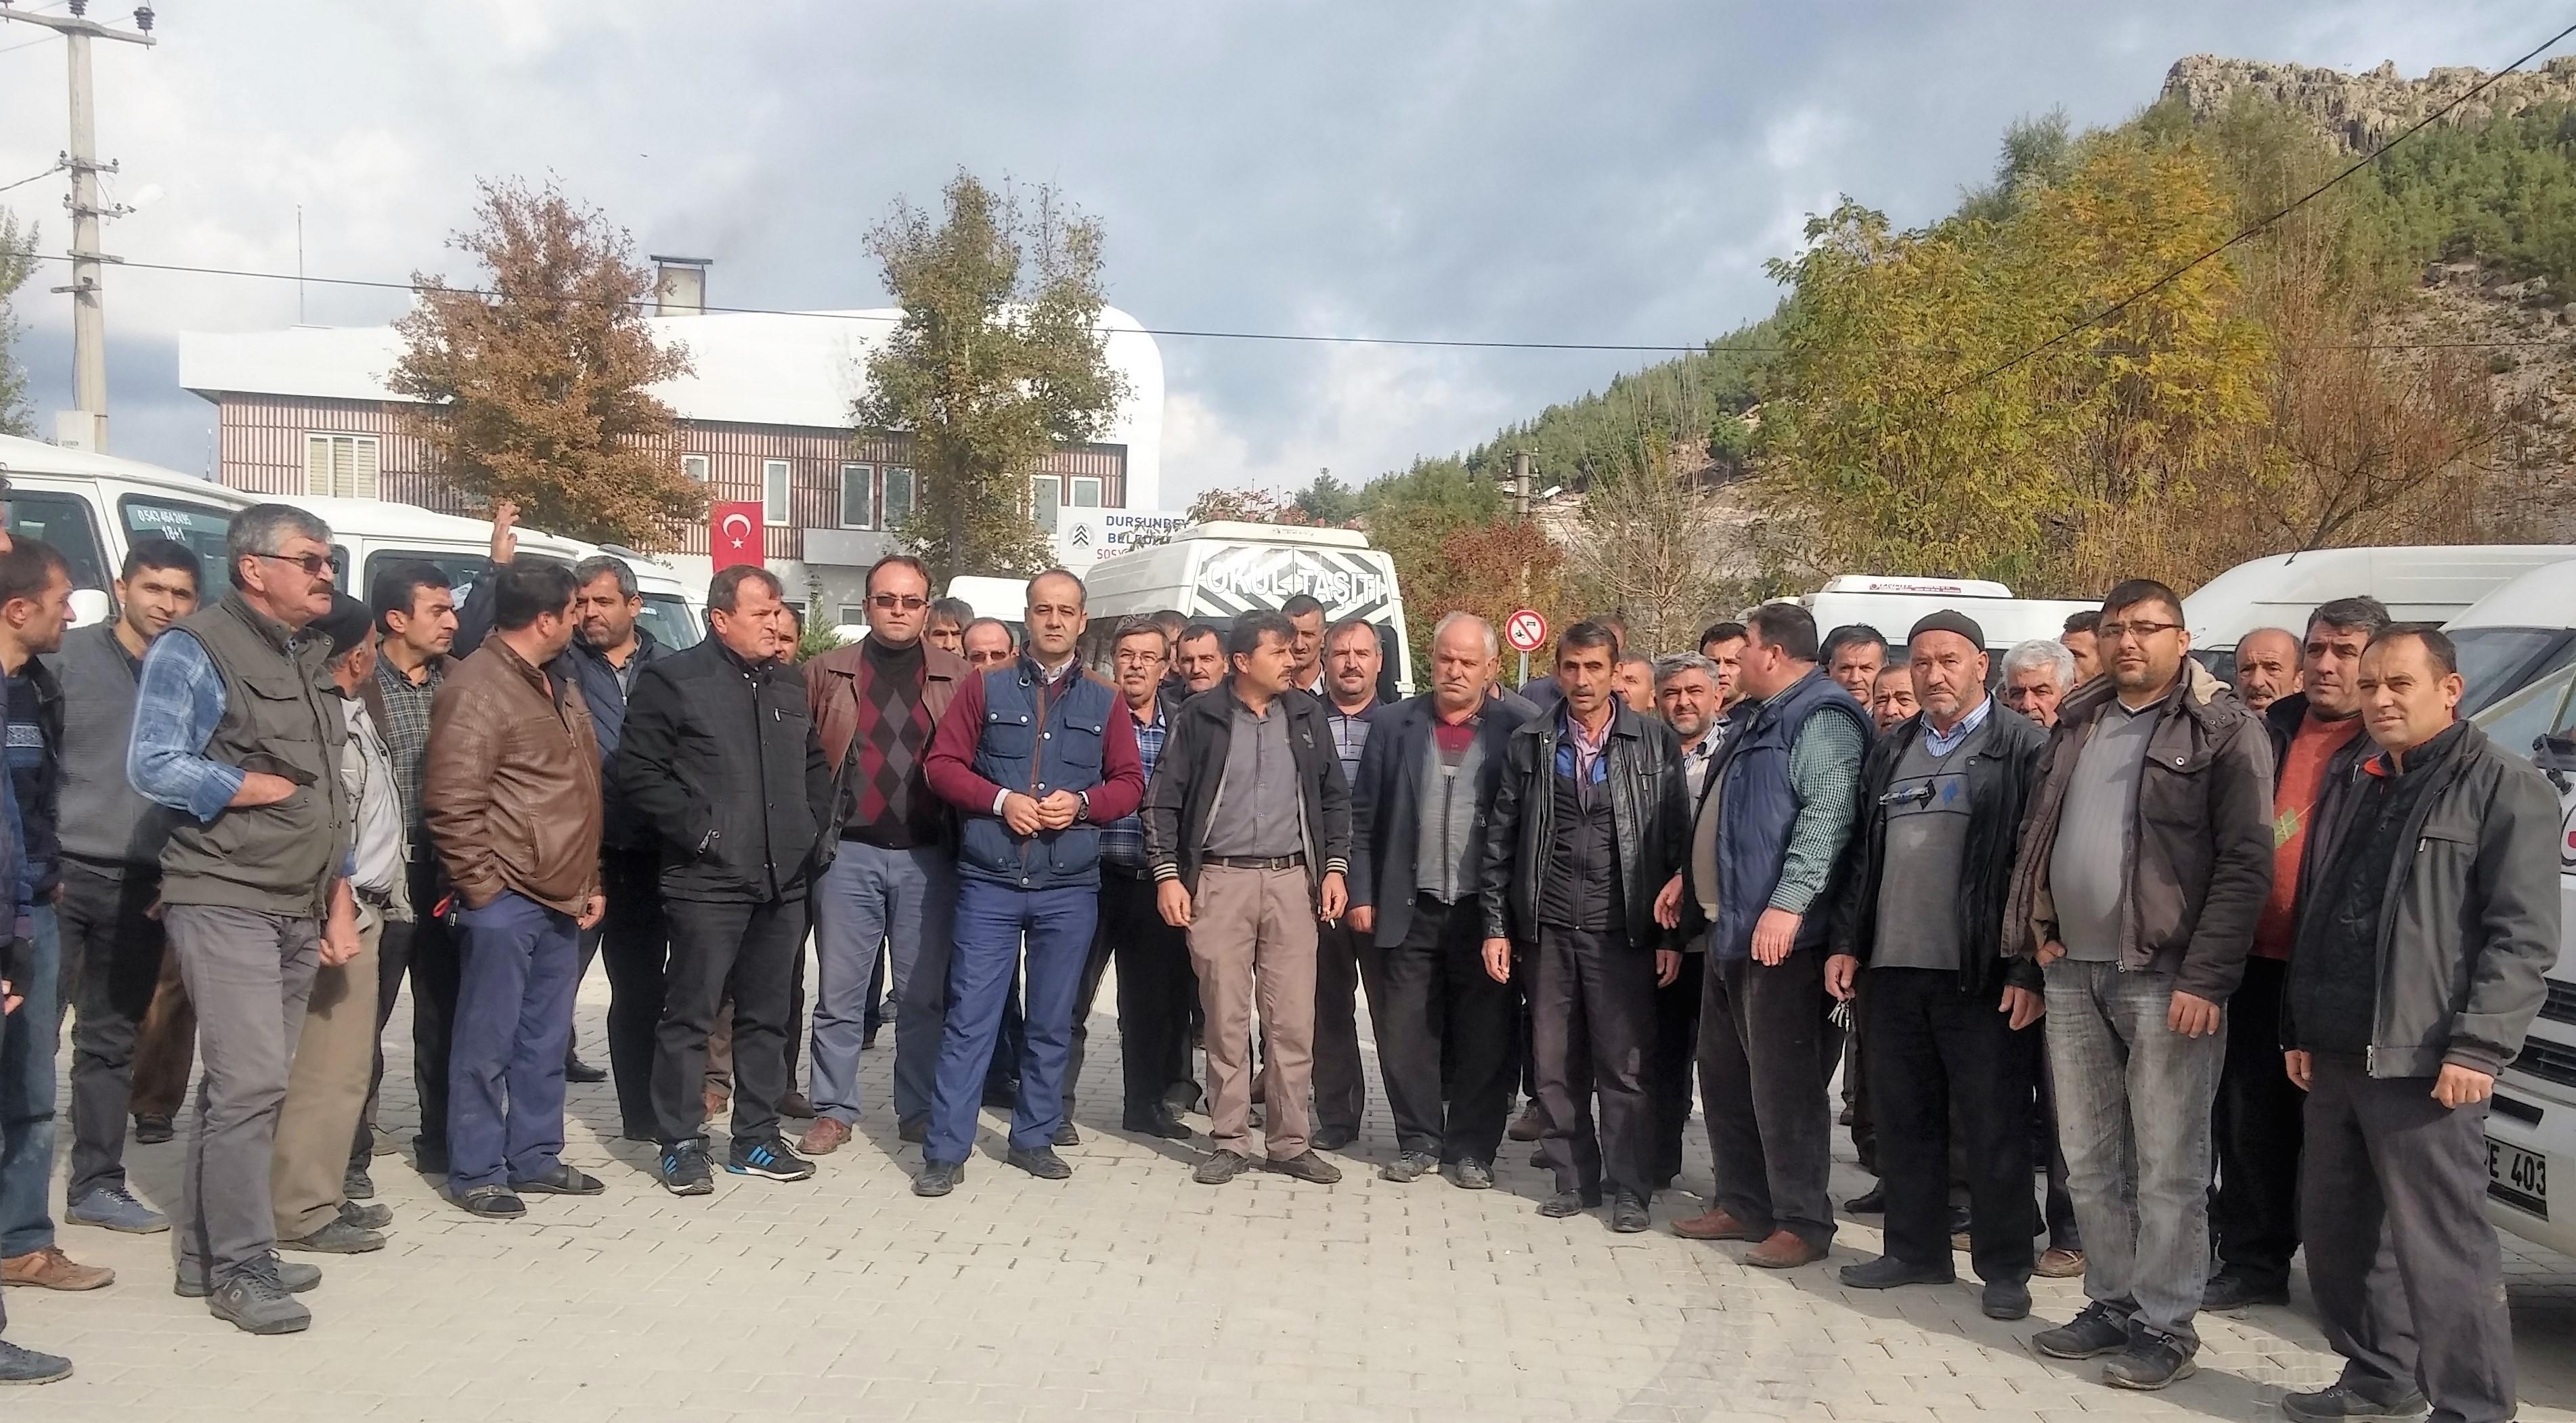 Servis Araçlarının Şöförlerinden Büyükşehir İsyanı